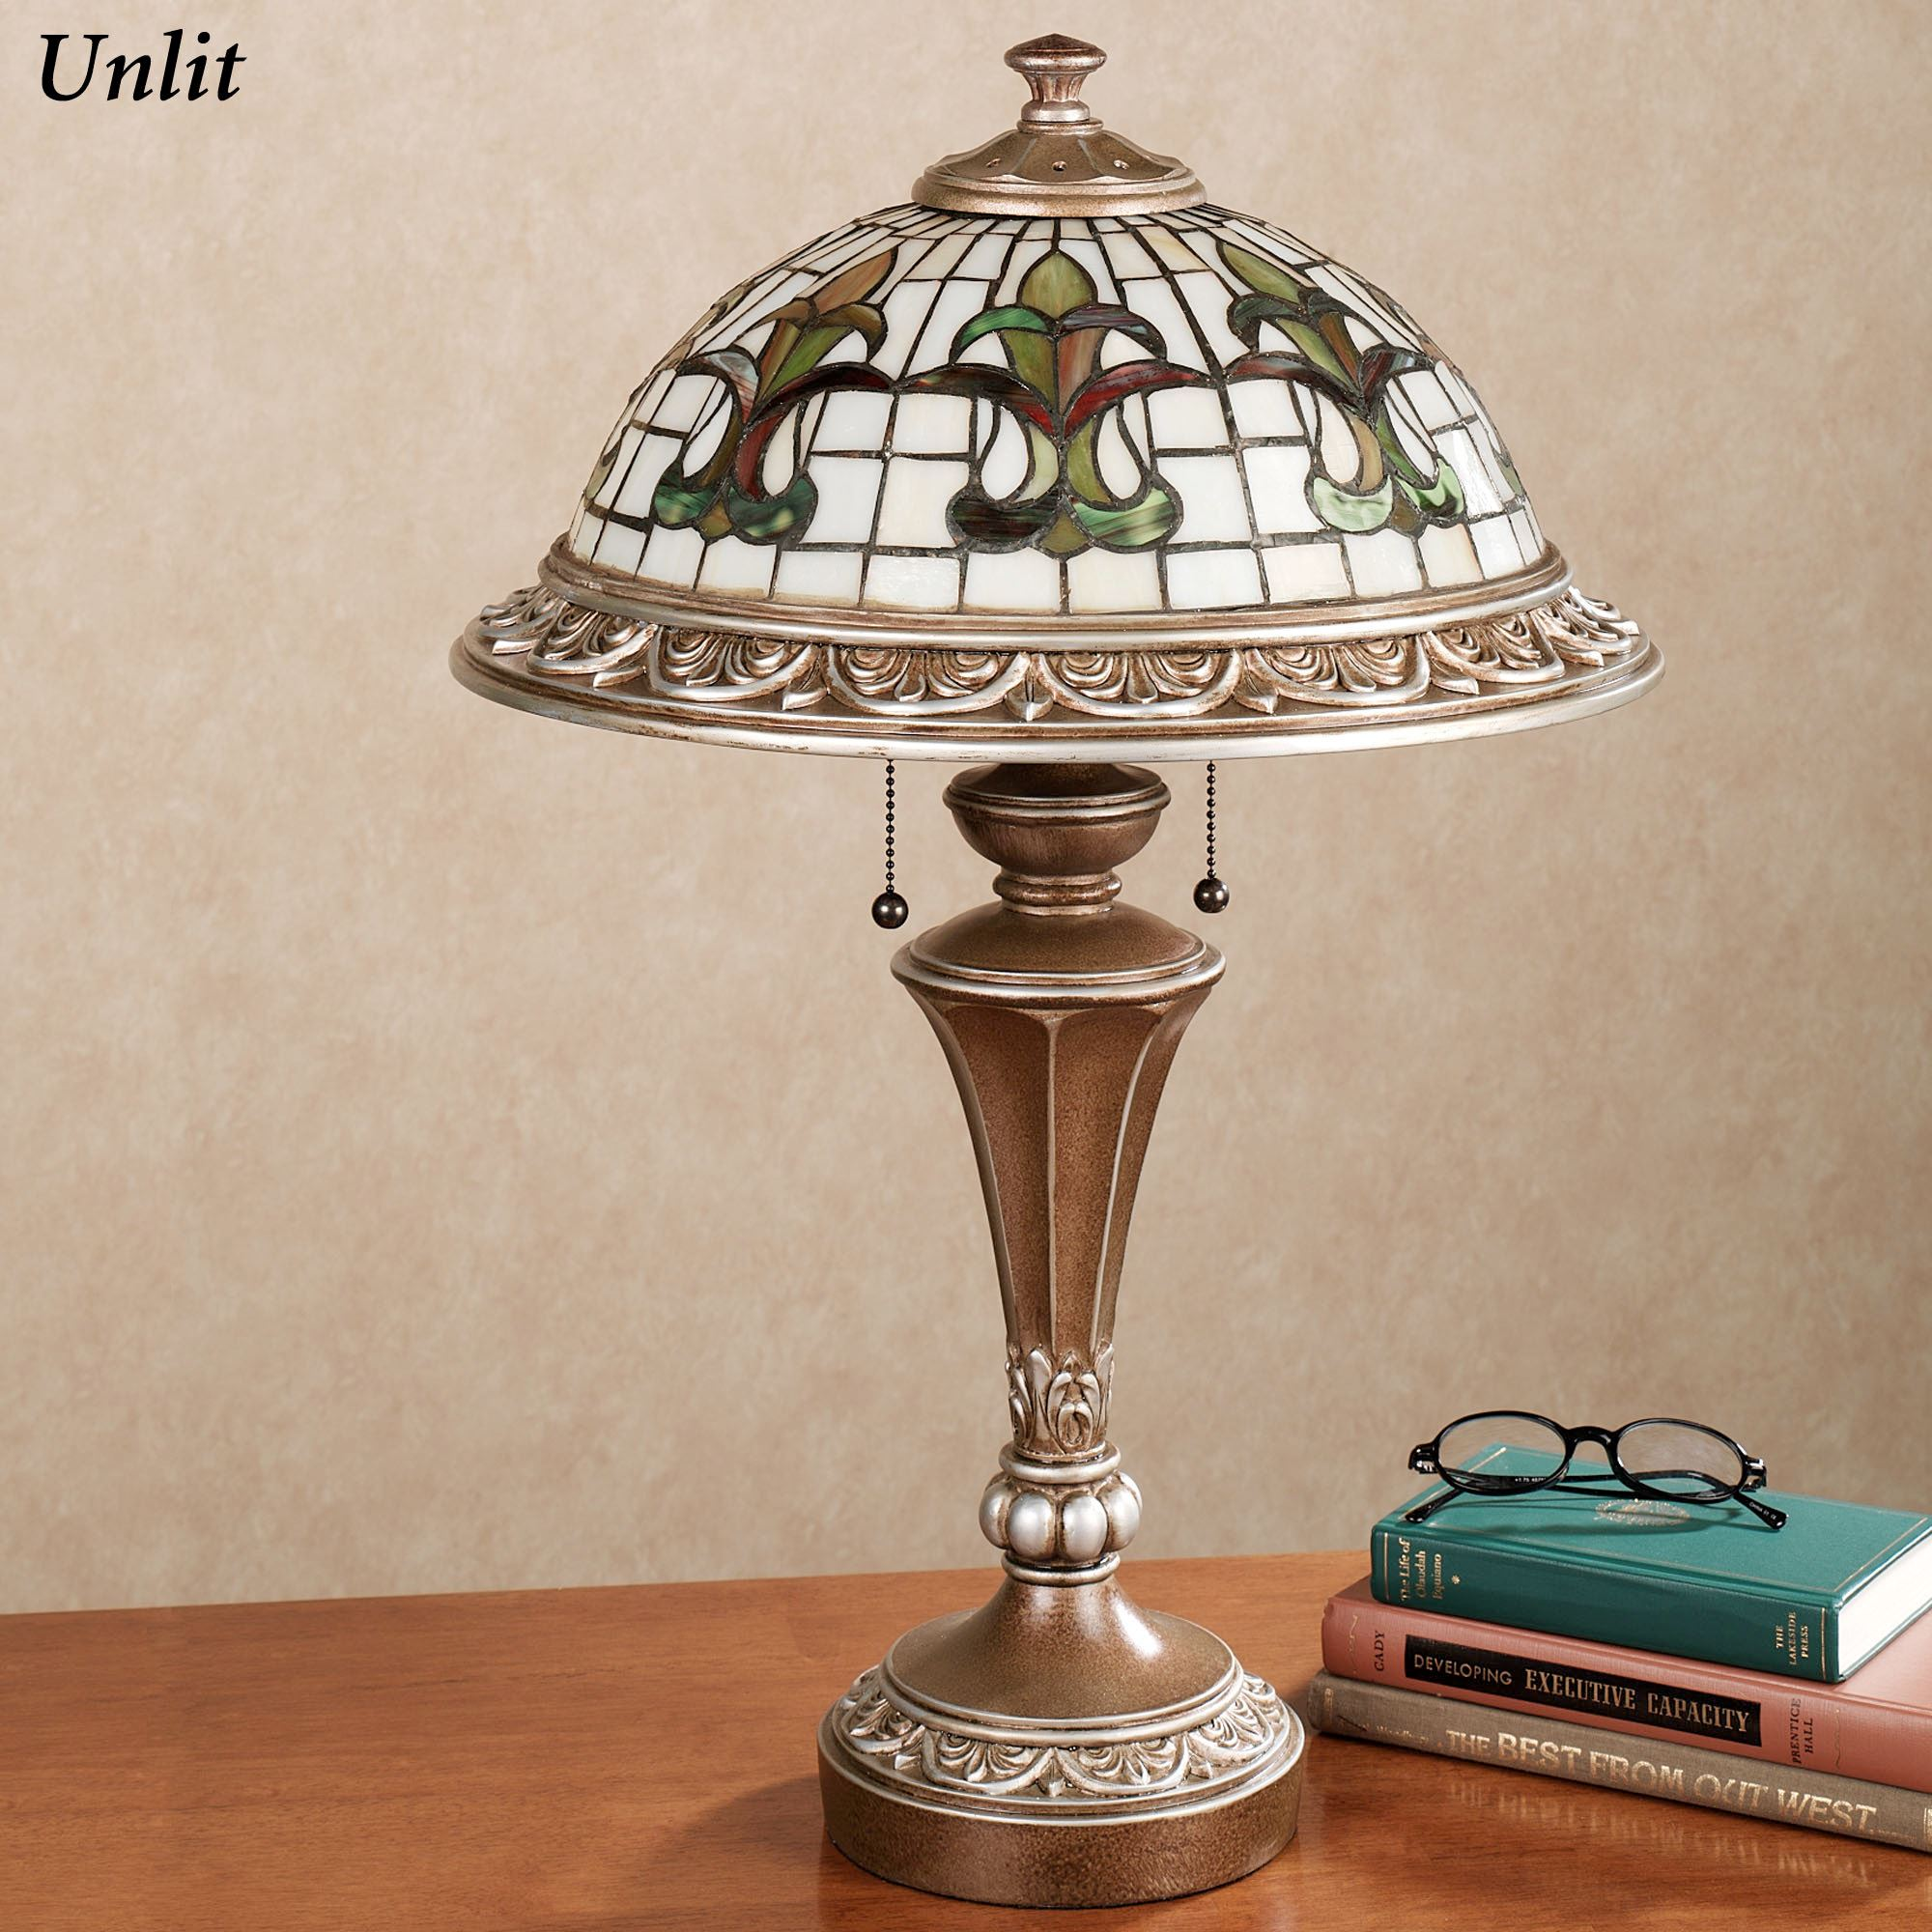 master french lis lamp fleur id at furniture elk lighting de f lamps hoof table